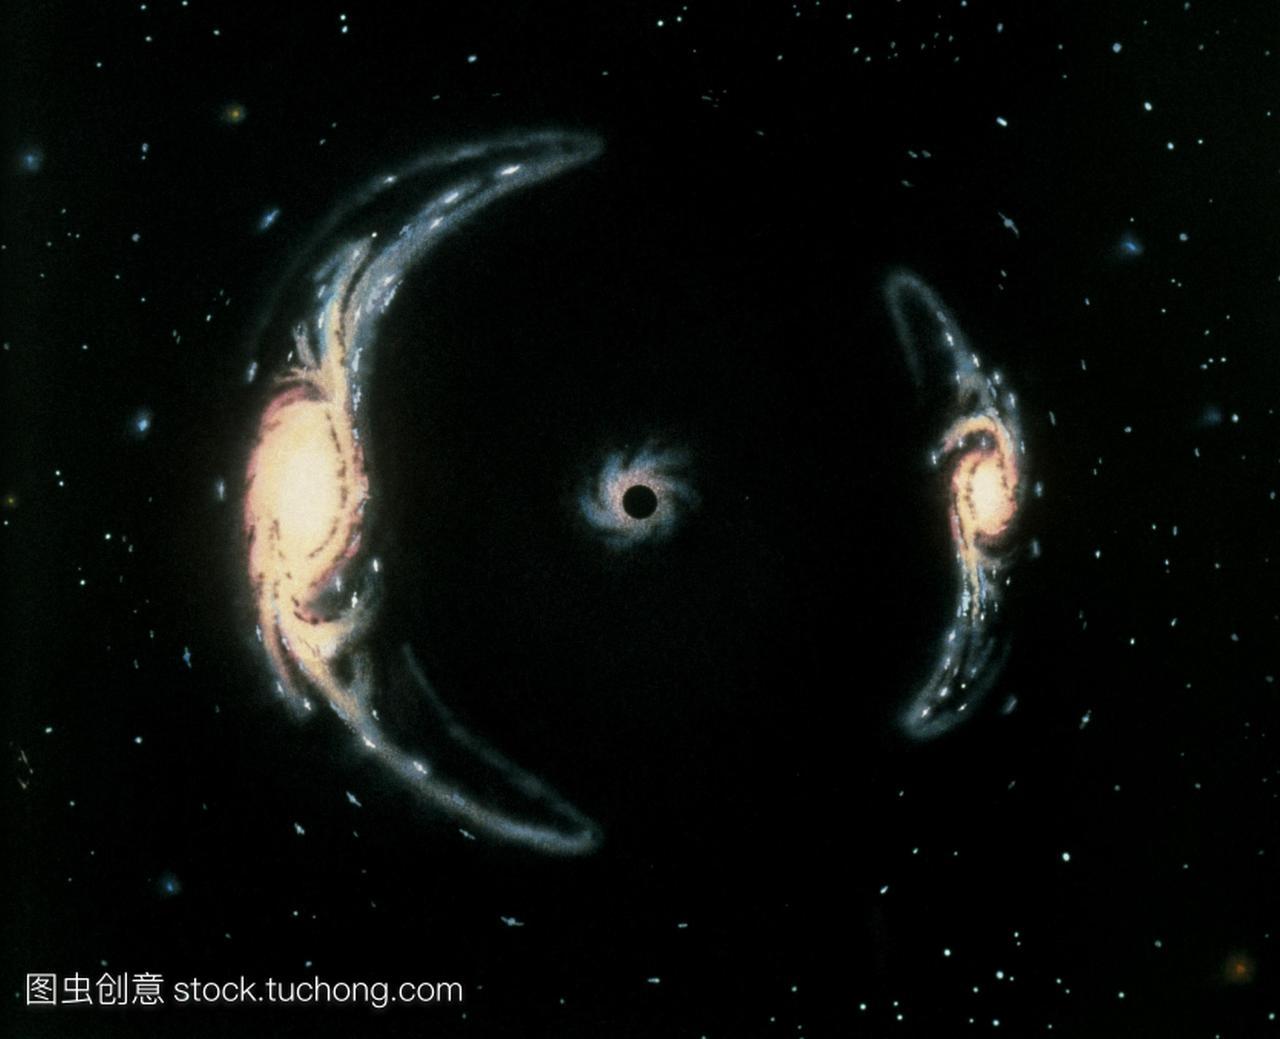 引力透镜。一个黑洞中心的艺术作品扭曲了在太